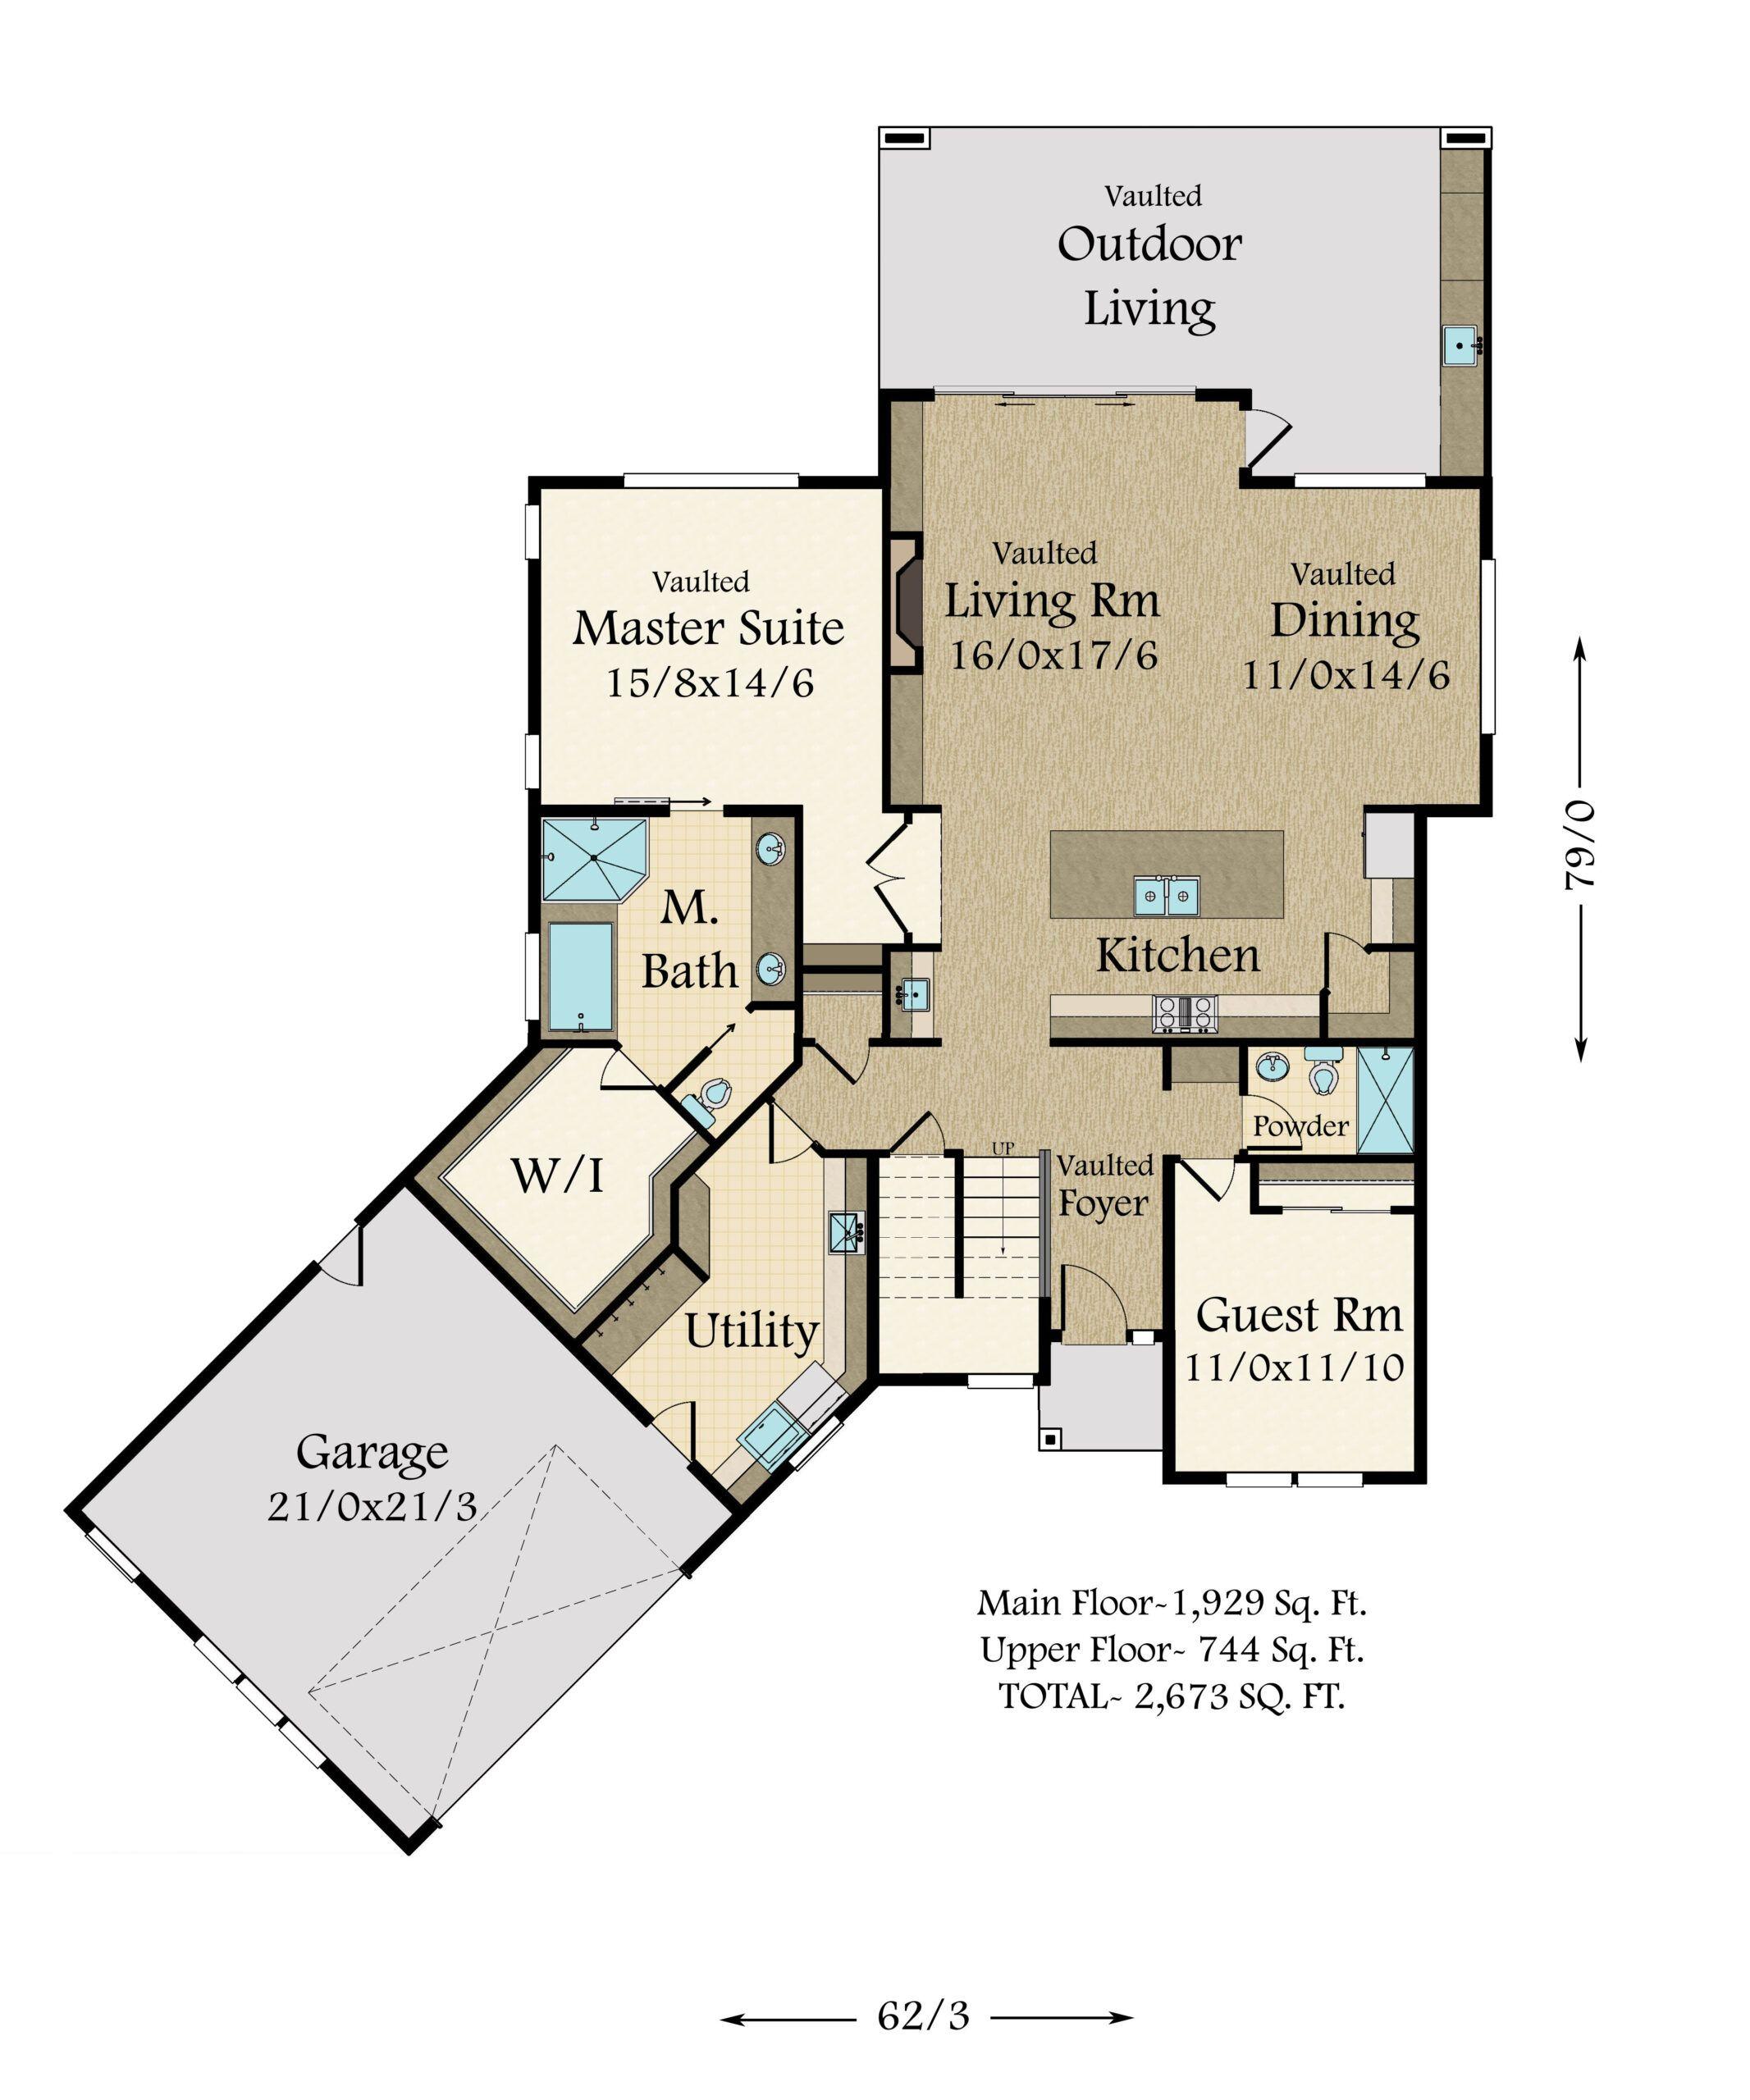 Award Winning Empty Nester House Plans In 2020 Empty Nester House Plans Modern House Plan Small House Plans